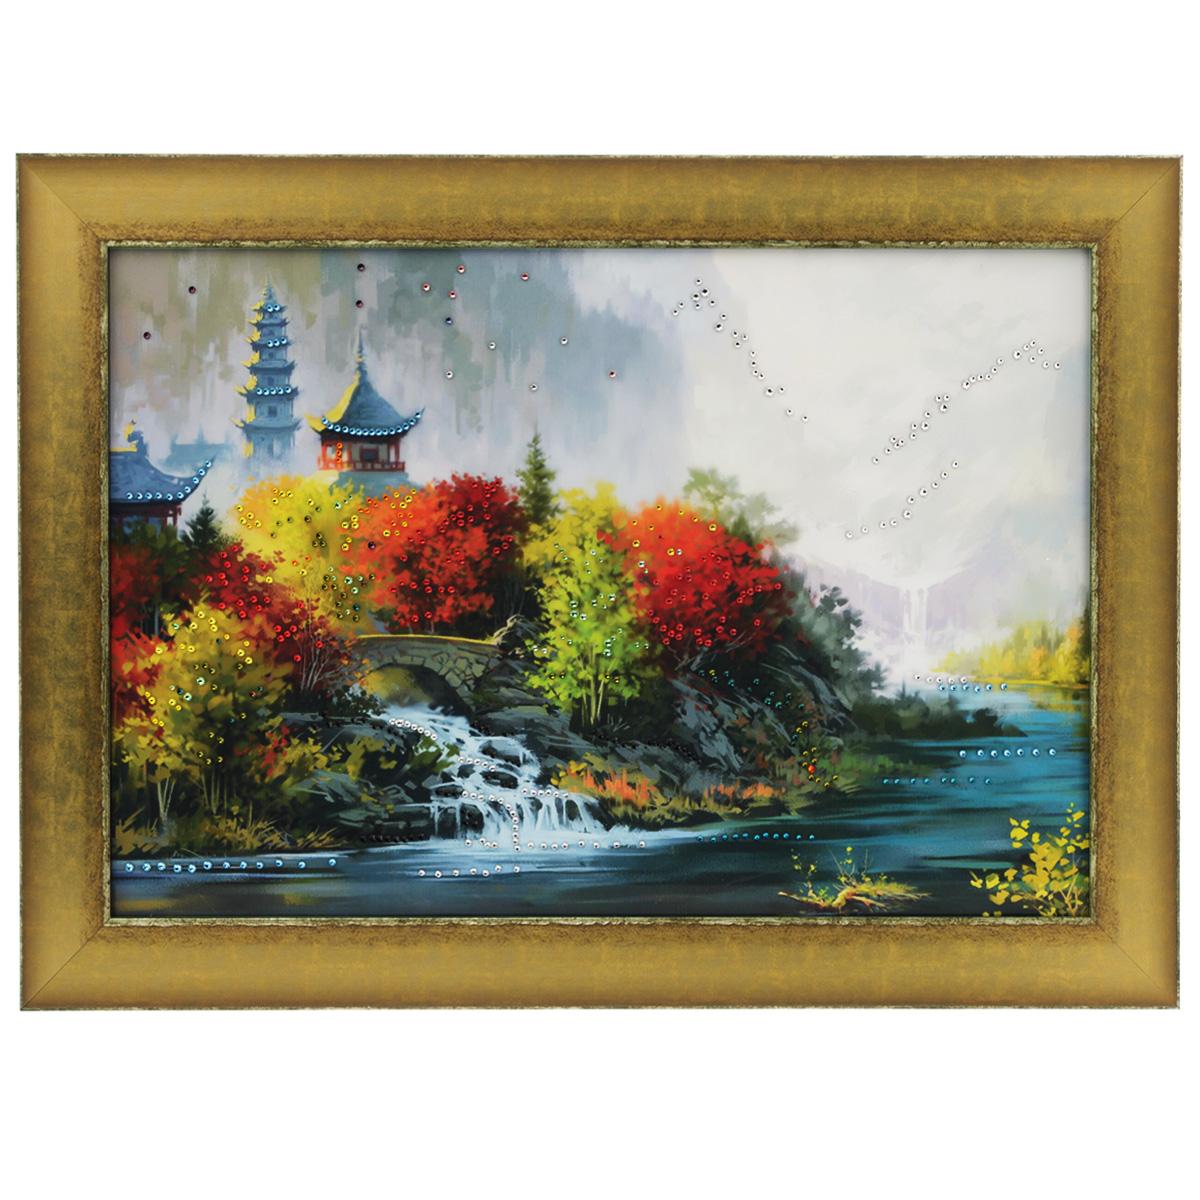 Картина с кристаллами Swarovski Восток, 70 см х 50 см1082Изящная картина в багетной раме, инкрустирована кристаллами Swarovski, которые отличаются четкой и ровной огранкой, ярким блеском и чистотой цвета. Красочное изображение восточного пейзажа, расположенное на внутренней стороне стекла, прекрасно дополняет блеск кристаллов. С обратной стороны имеется металлическая проволока для размещения картины на стене. Картина с кристаллами Swarovski Восток элегантно украсит интерьер дома или офиса, а также станет прекрасным подарком, который обязательно понравится получателю. Блеск кристаллов в интерьере, что может быть сказочнее и удивительнее. Картина упакована в подарочную картонную коробку синего цвета и комплектуется сертификатом соответствия Swarovski.